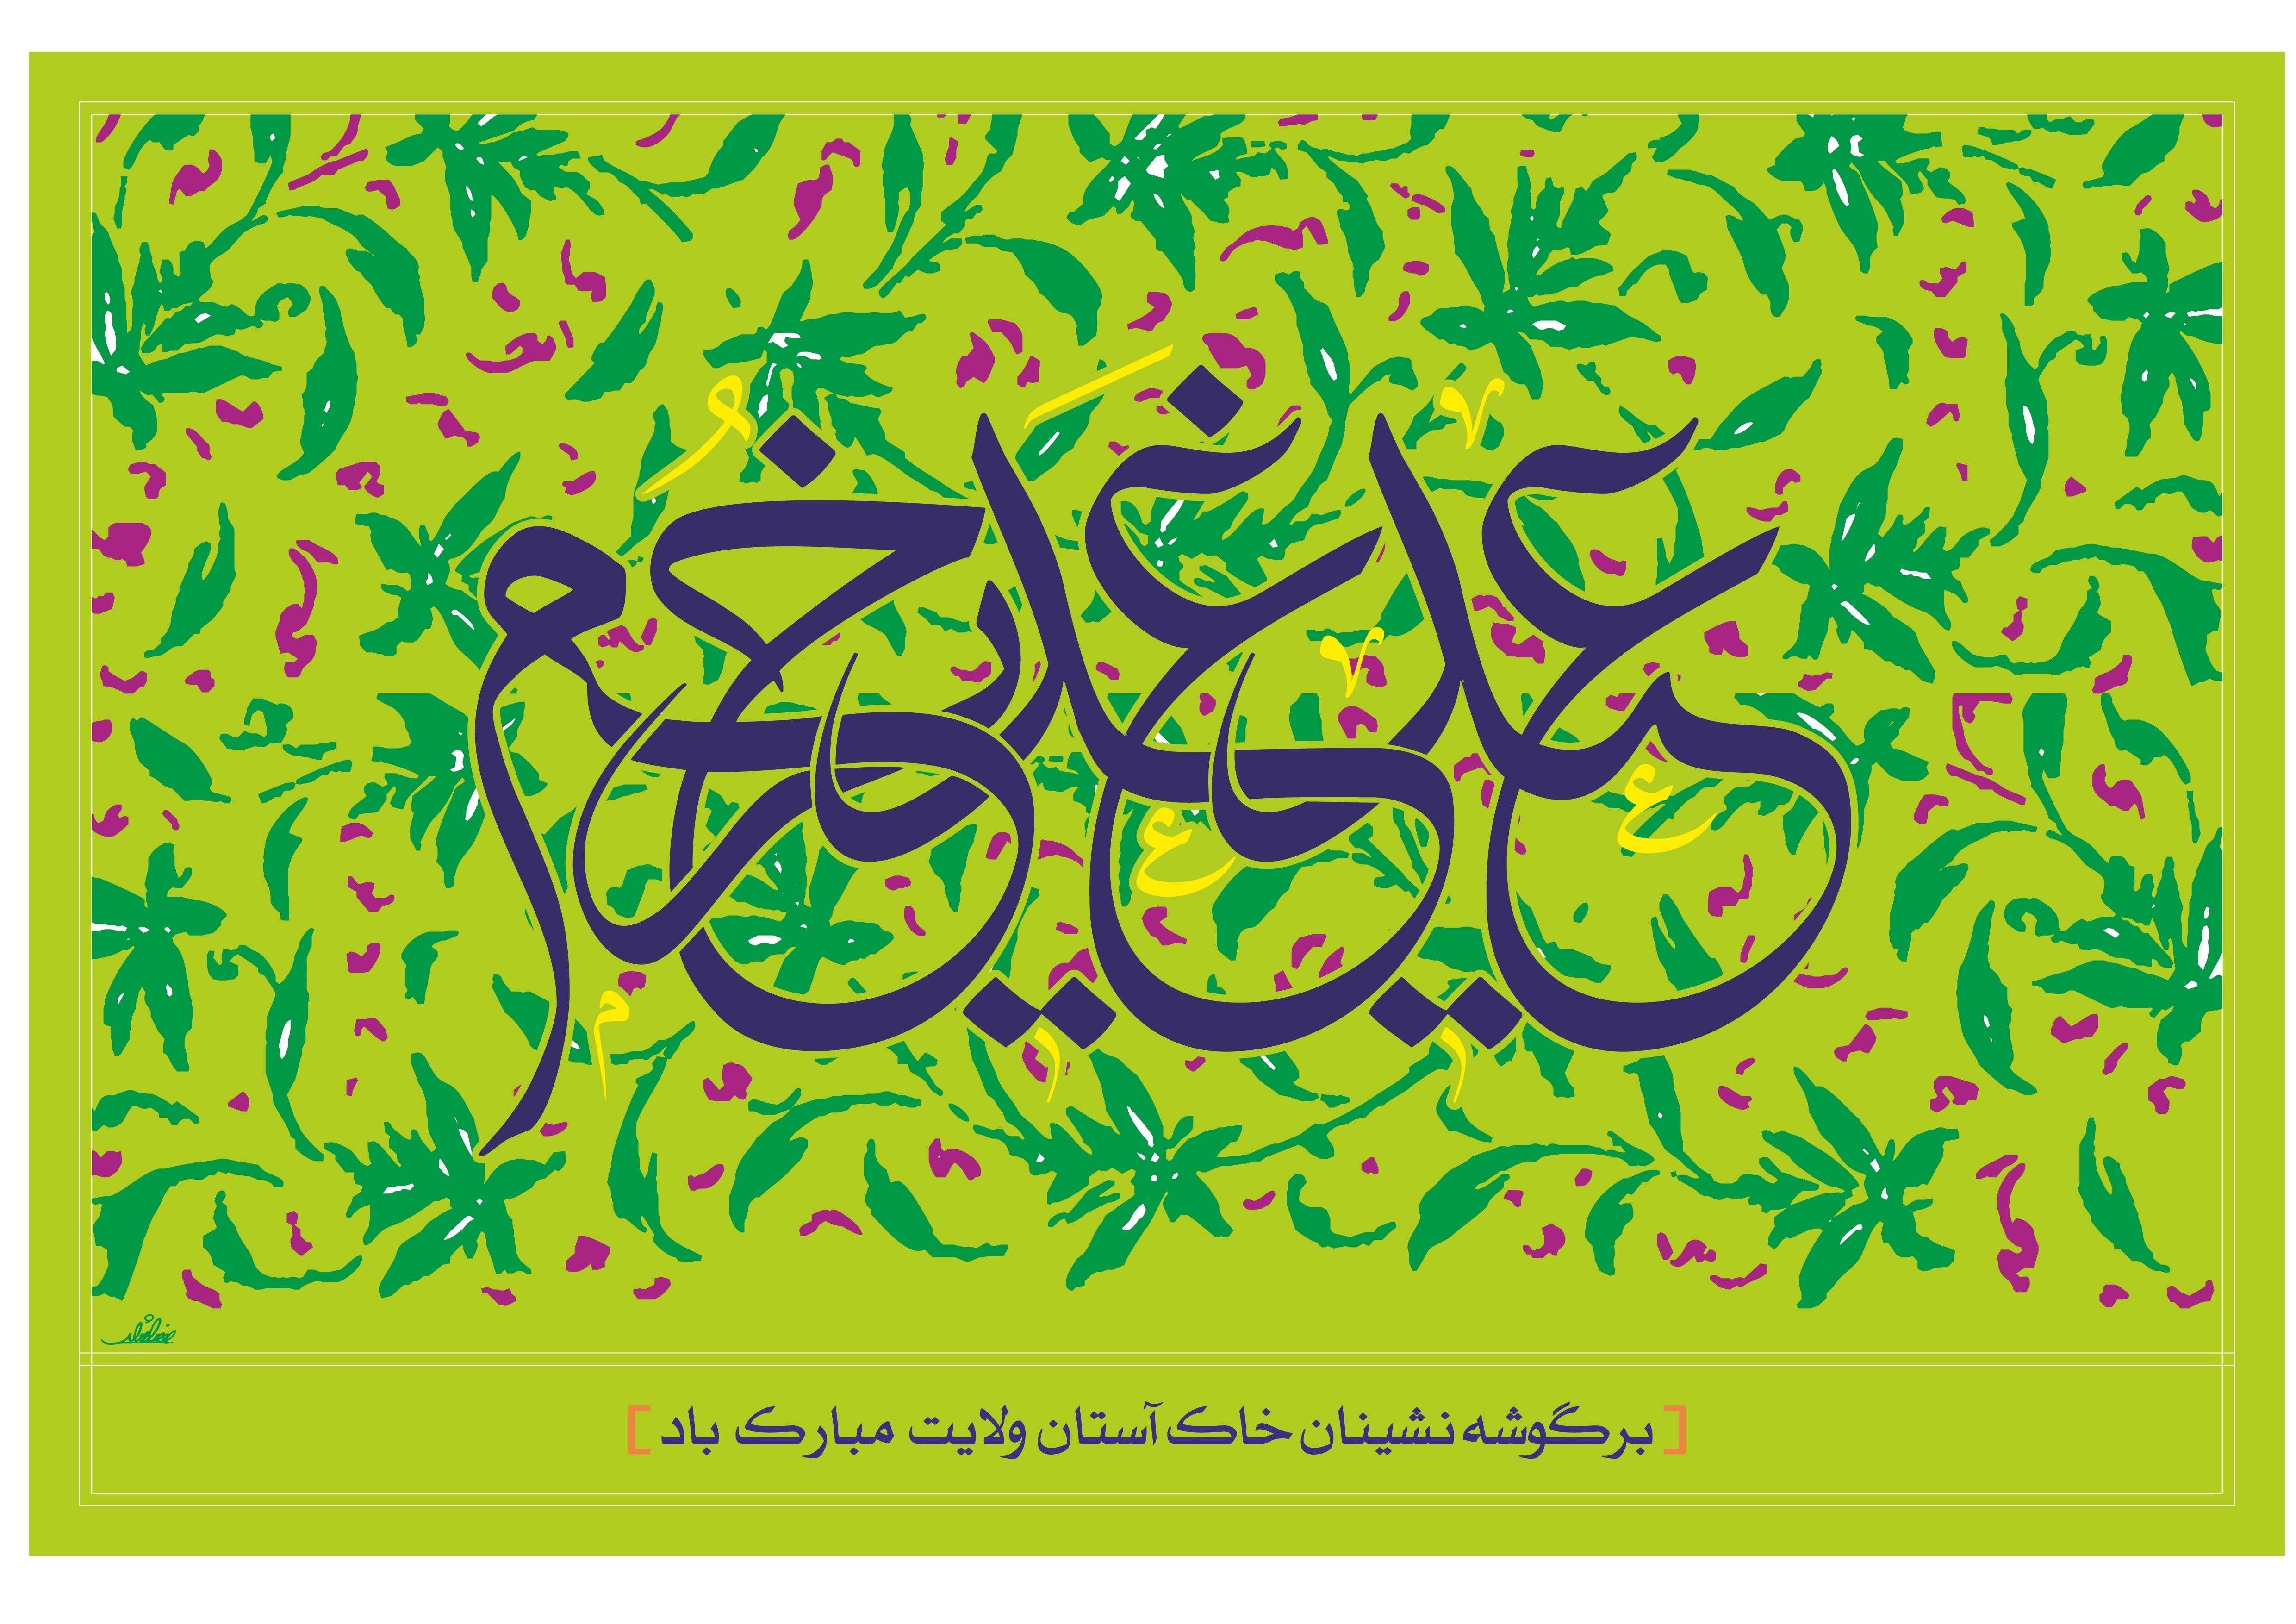 استناد حضرت علی علیه السلام به حدیث غدیر در زمان سه خلیفه قبل از خود+تصاویر